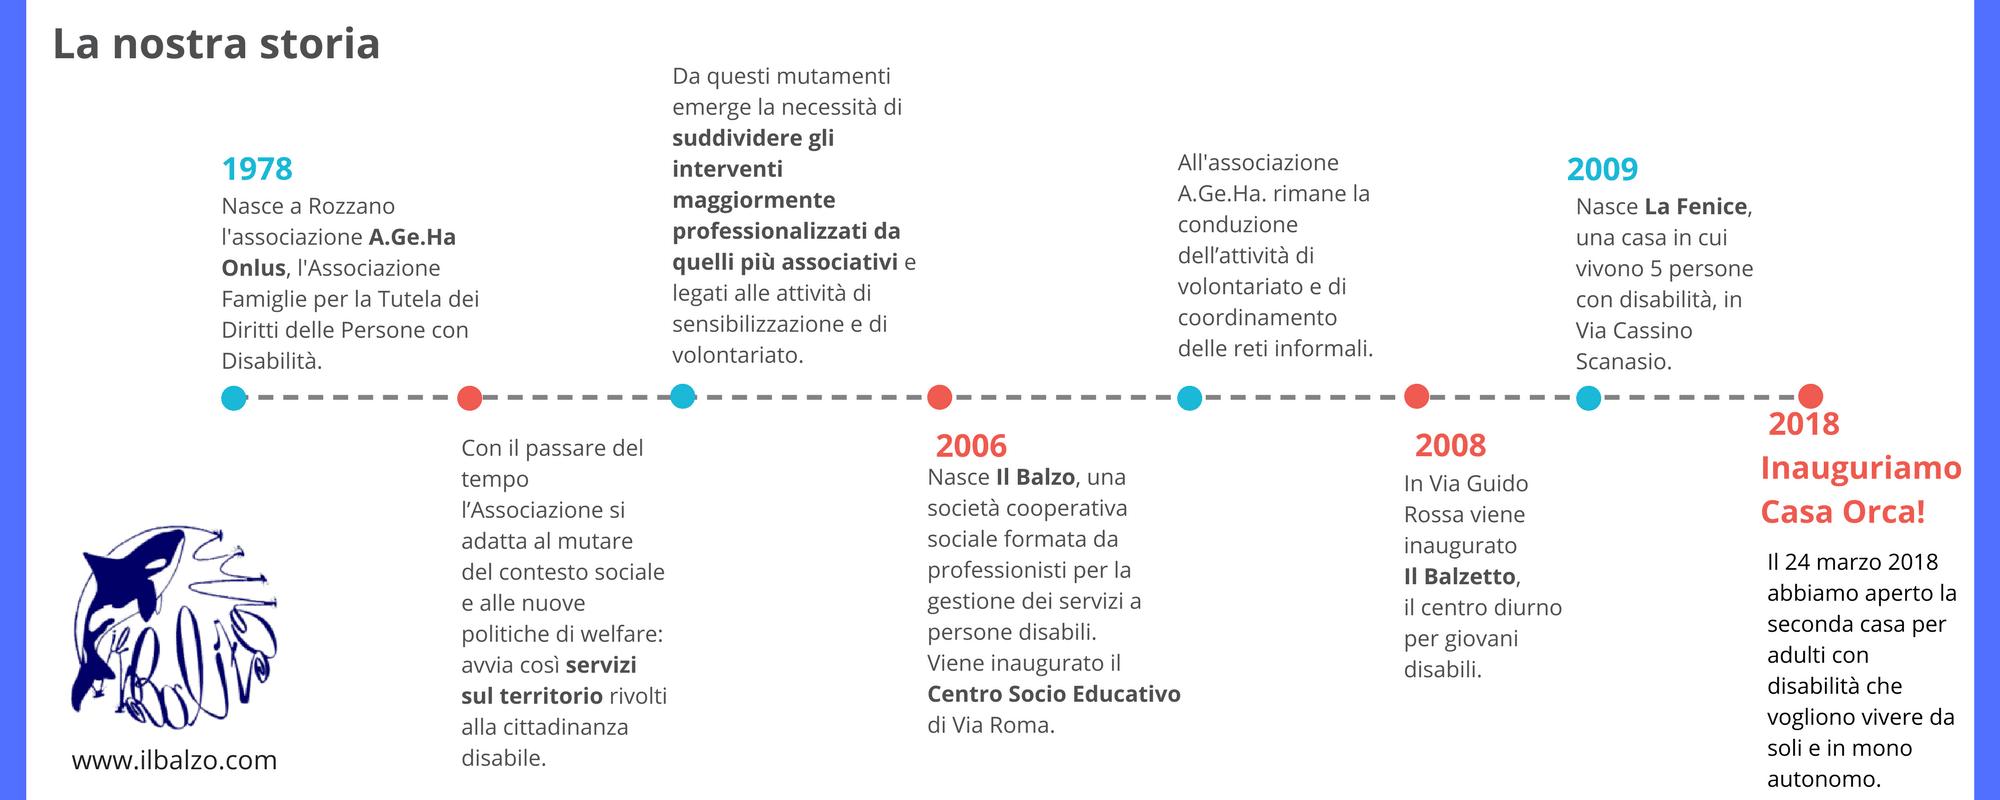 timeline-il-balzo